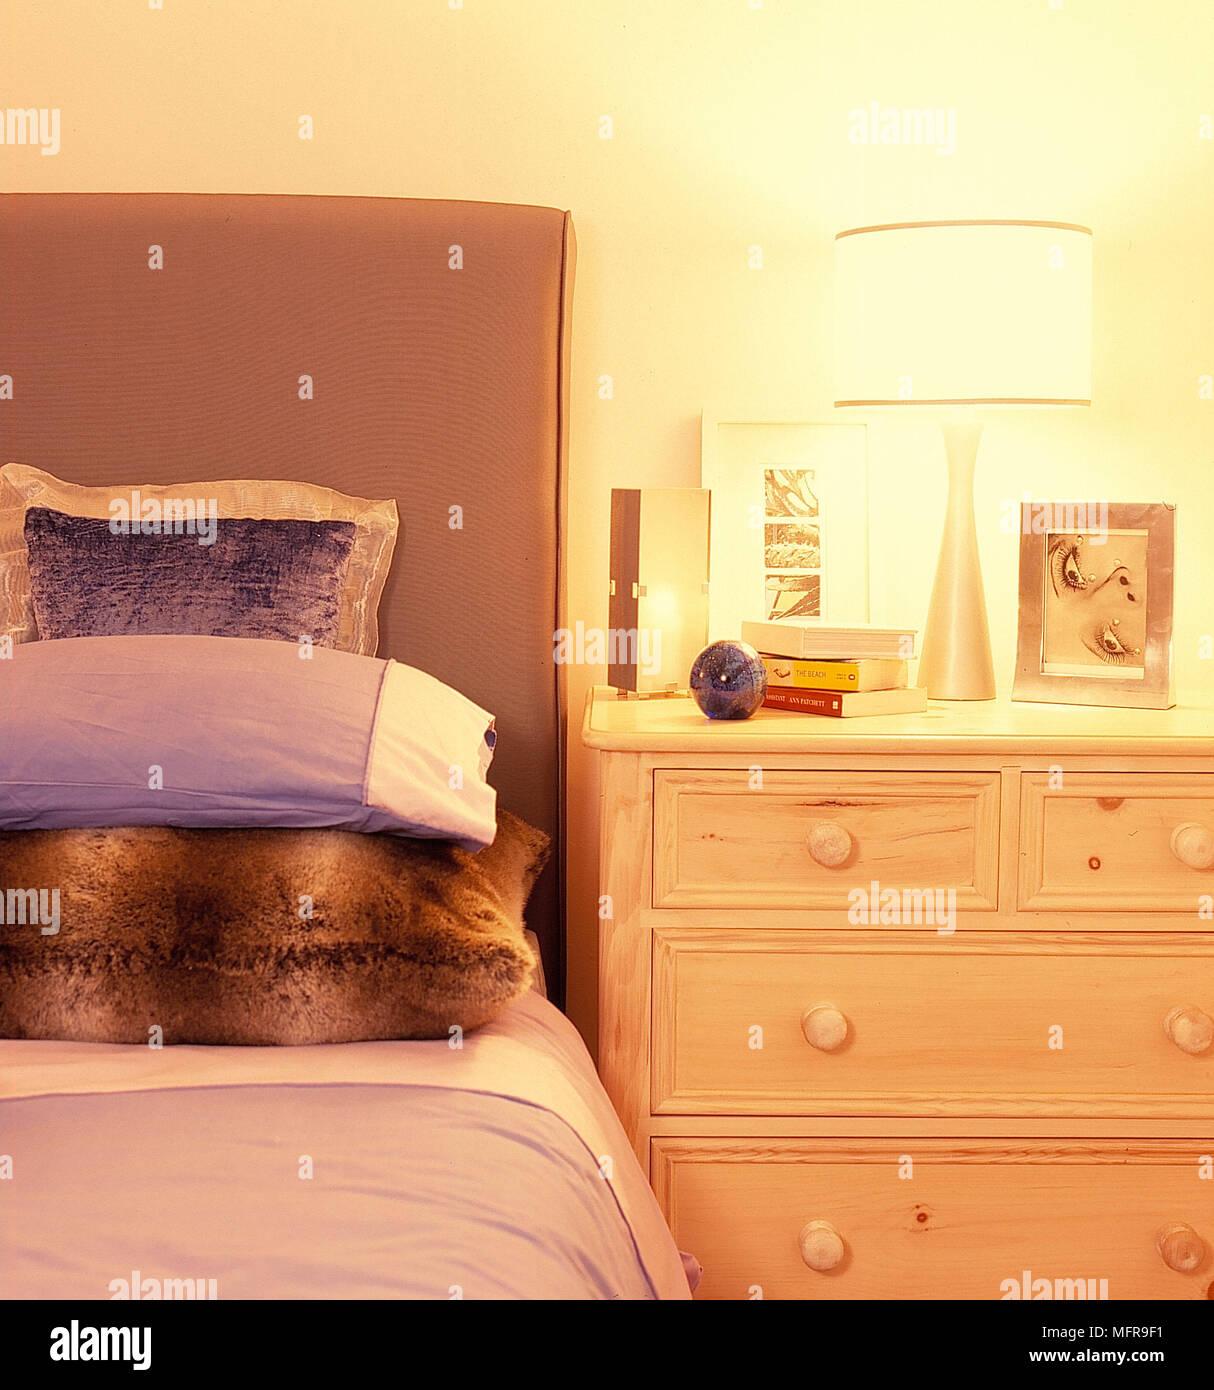 Dettaglio camera da letto di legno chiaro cassettiera accanto al ...